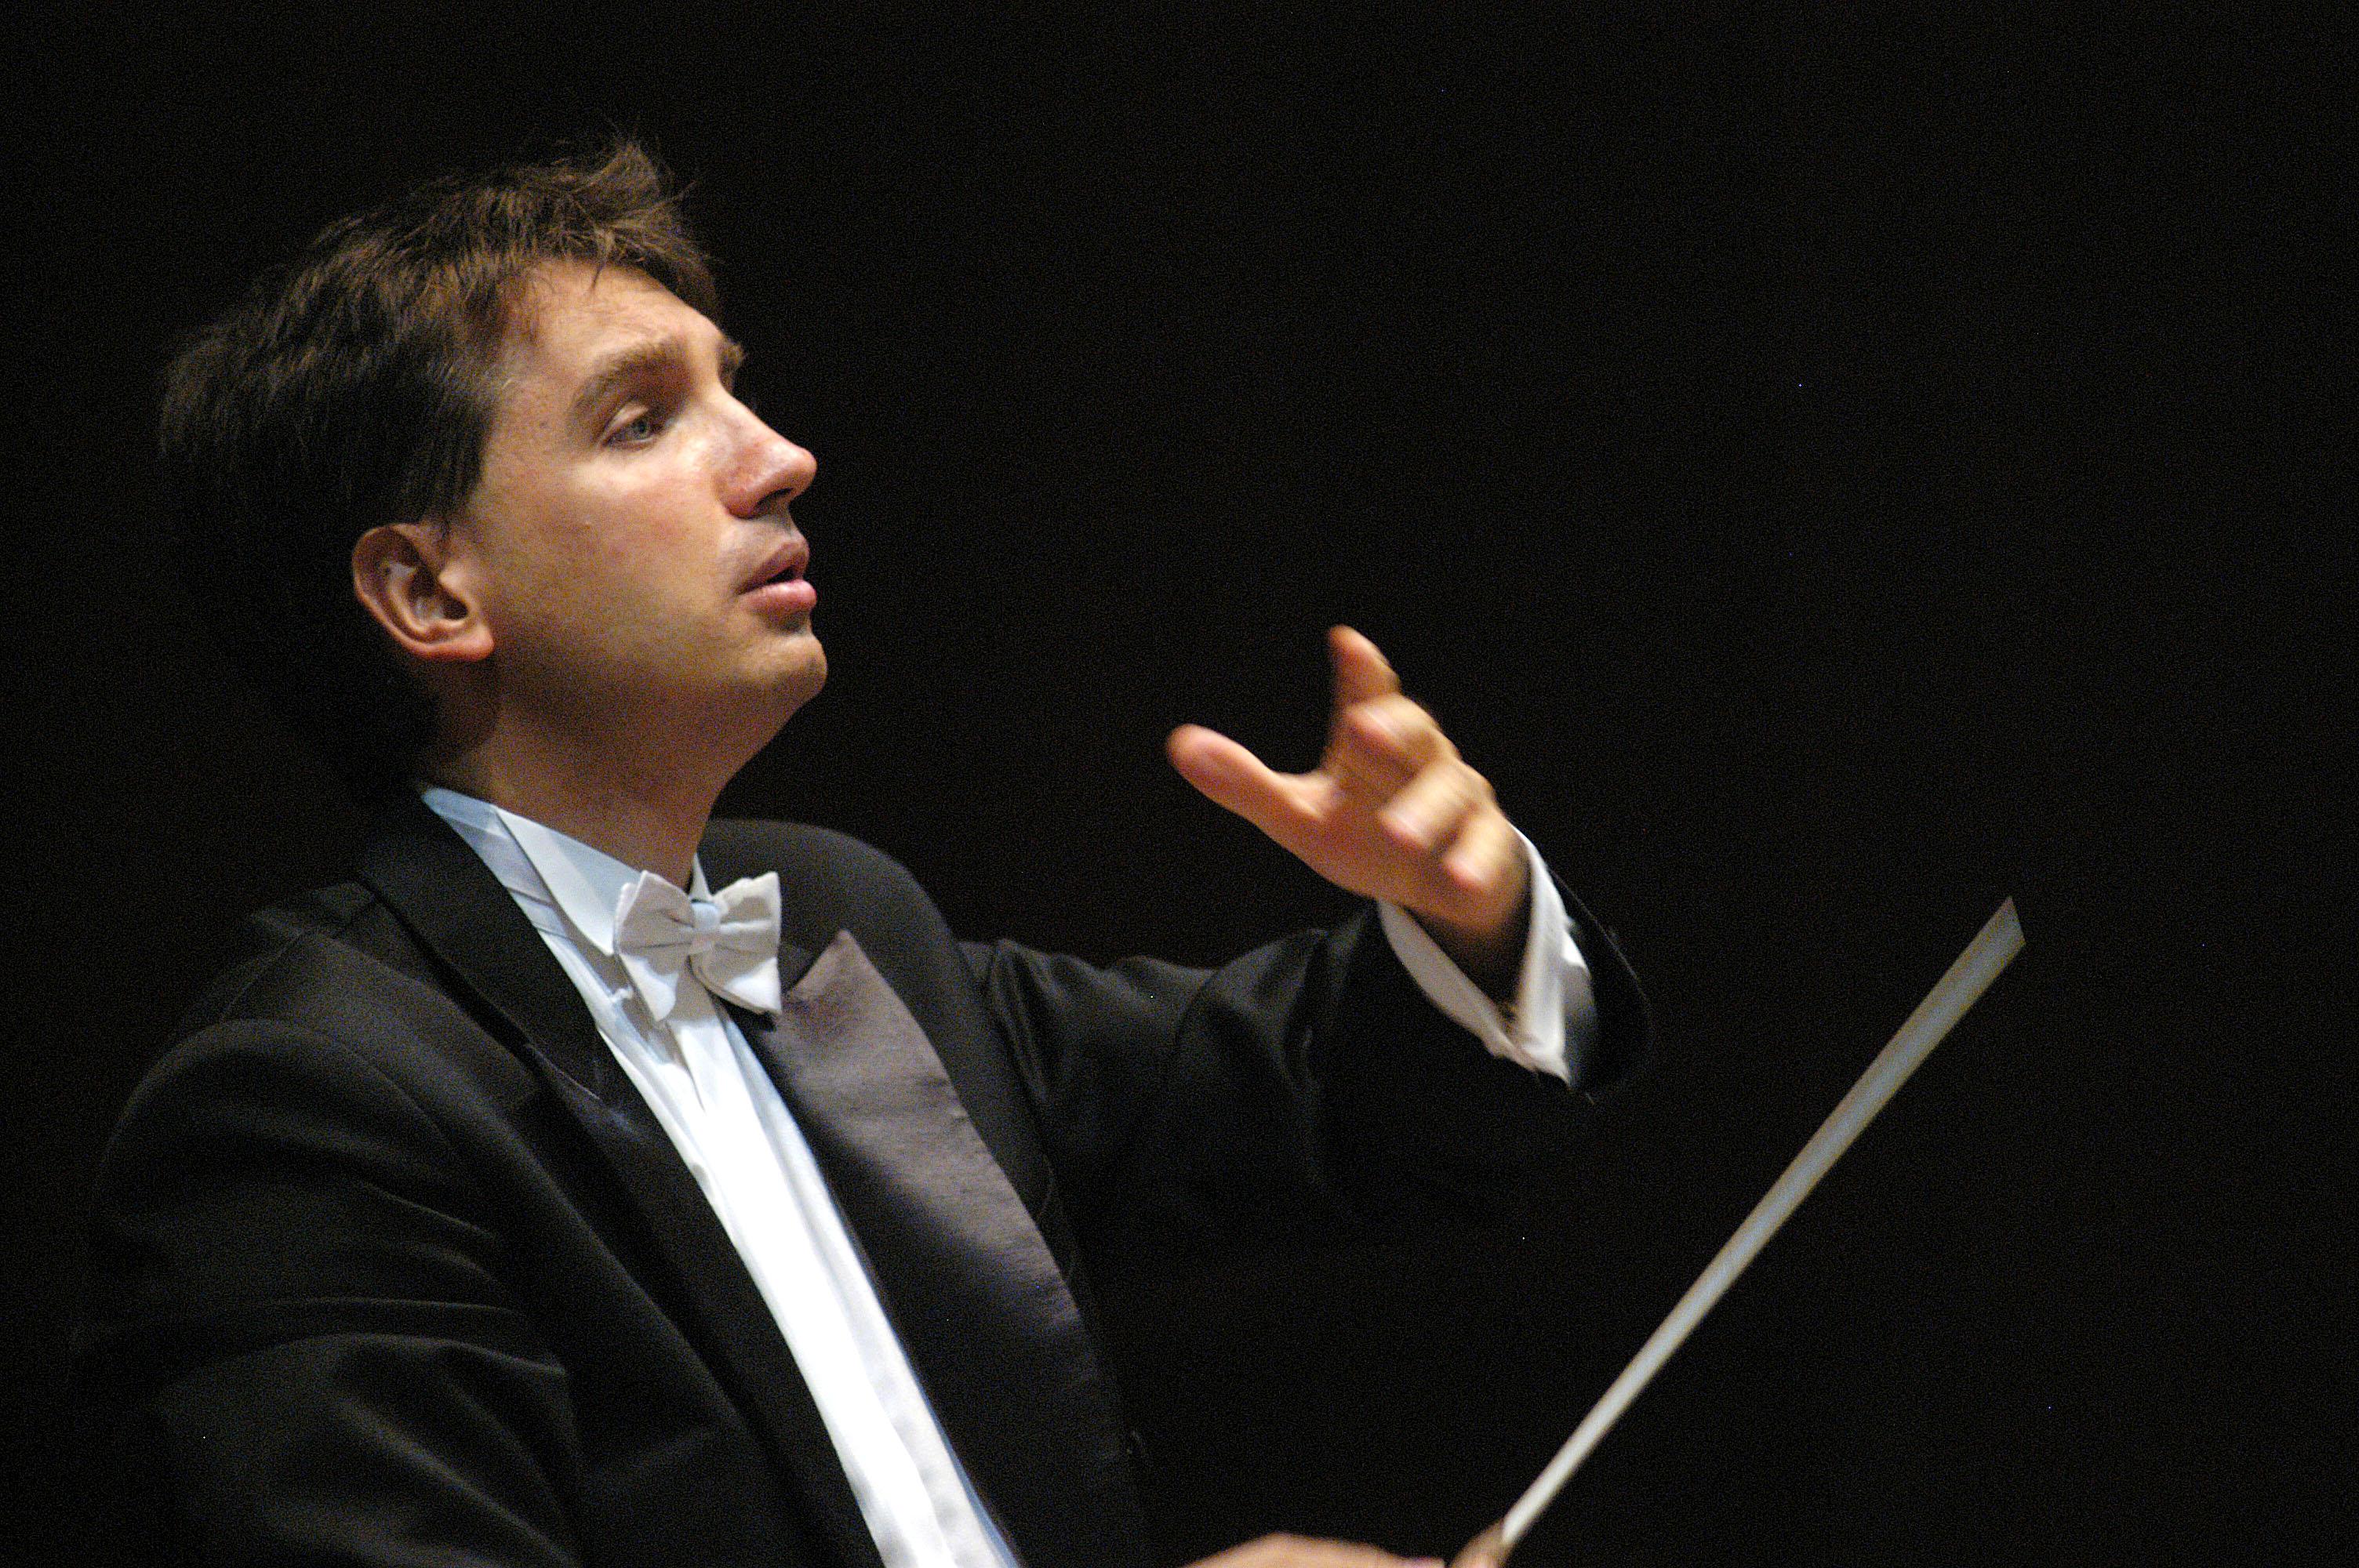 Padova  ottobre 2004  Il direttore d'Orchestra Zsolt Hamar  all'Auditorium Pollini  dirige, come primo direttore ospite, l'Orchestra di Padova e del Veneto © Franco Tanel/D-Day